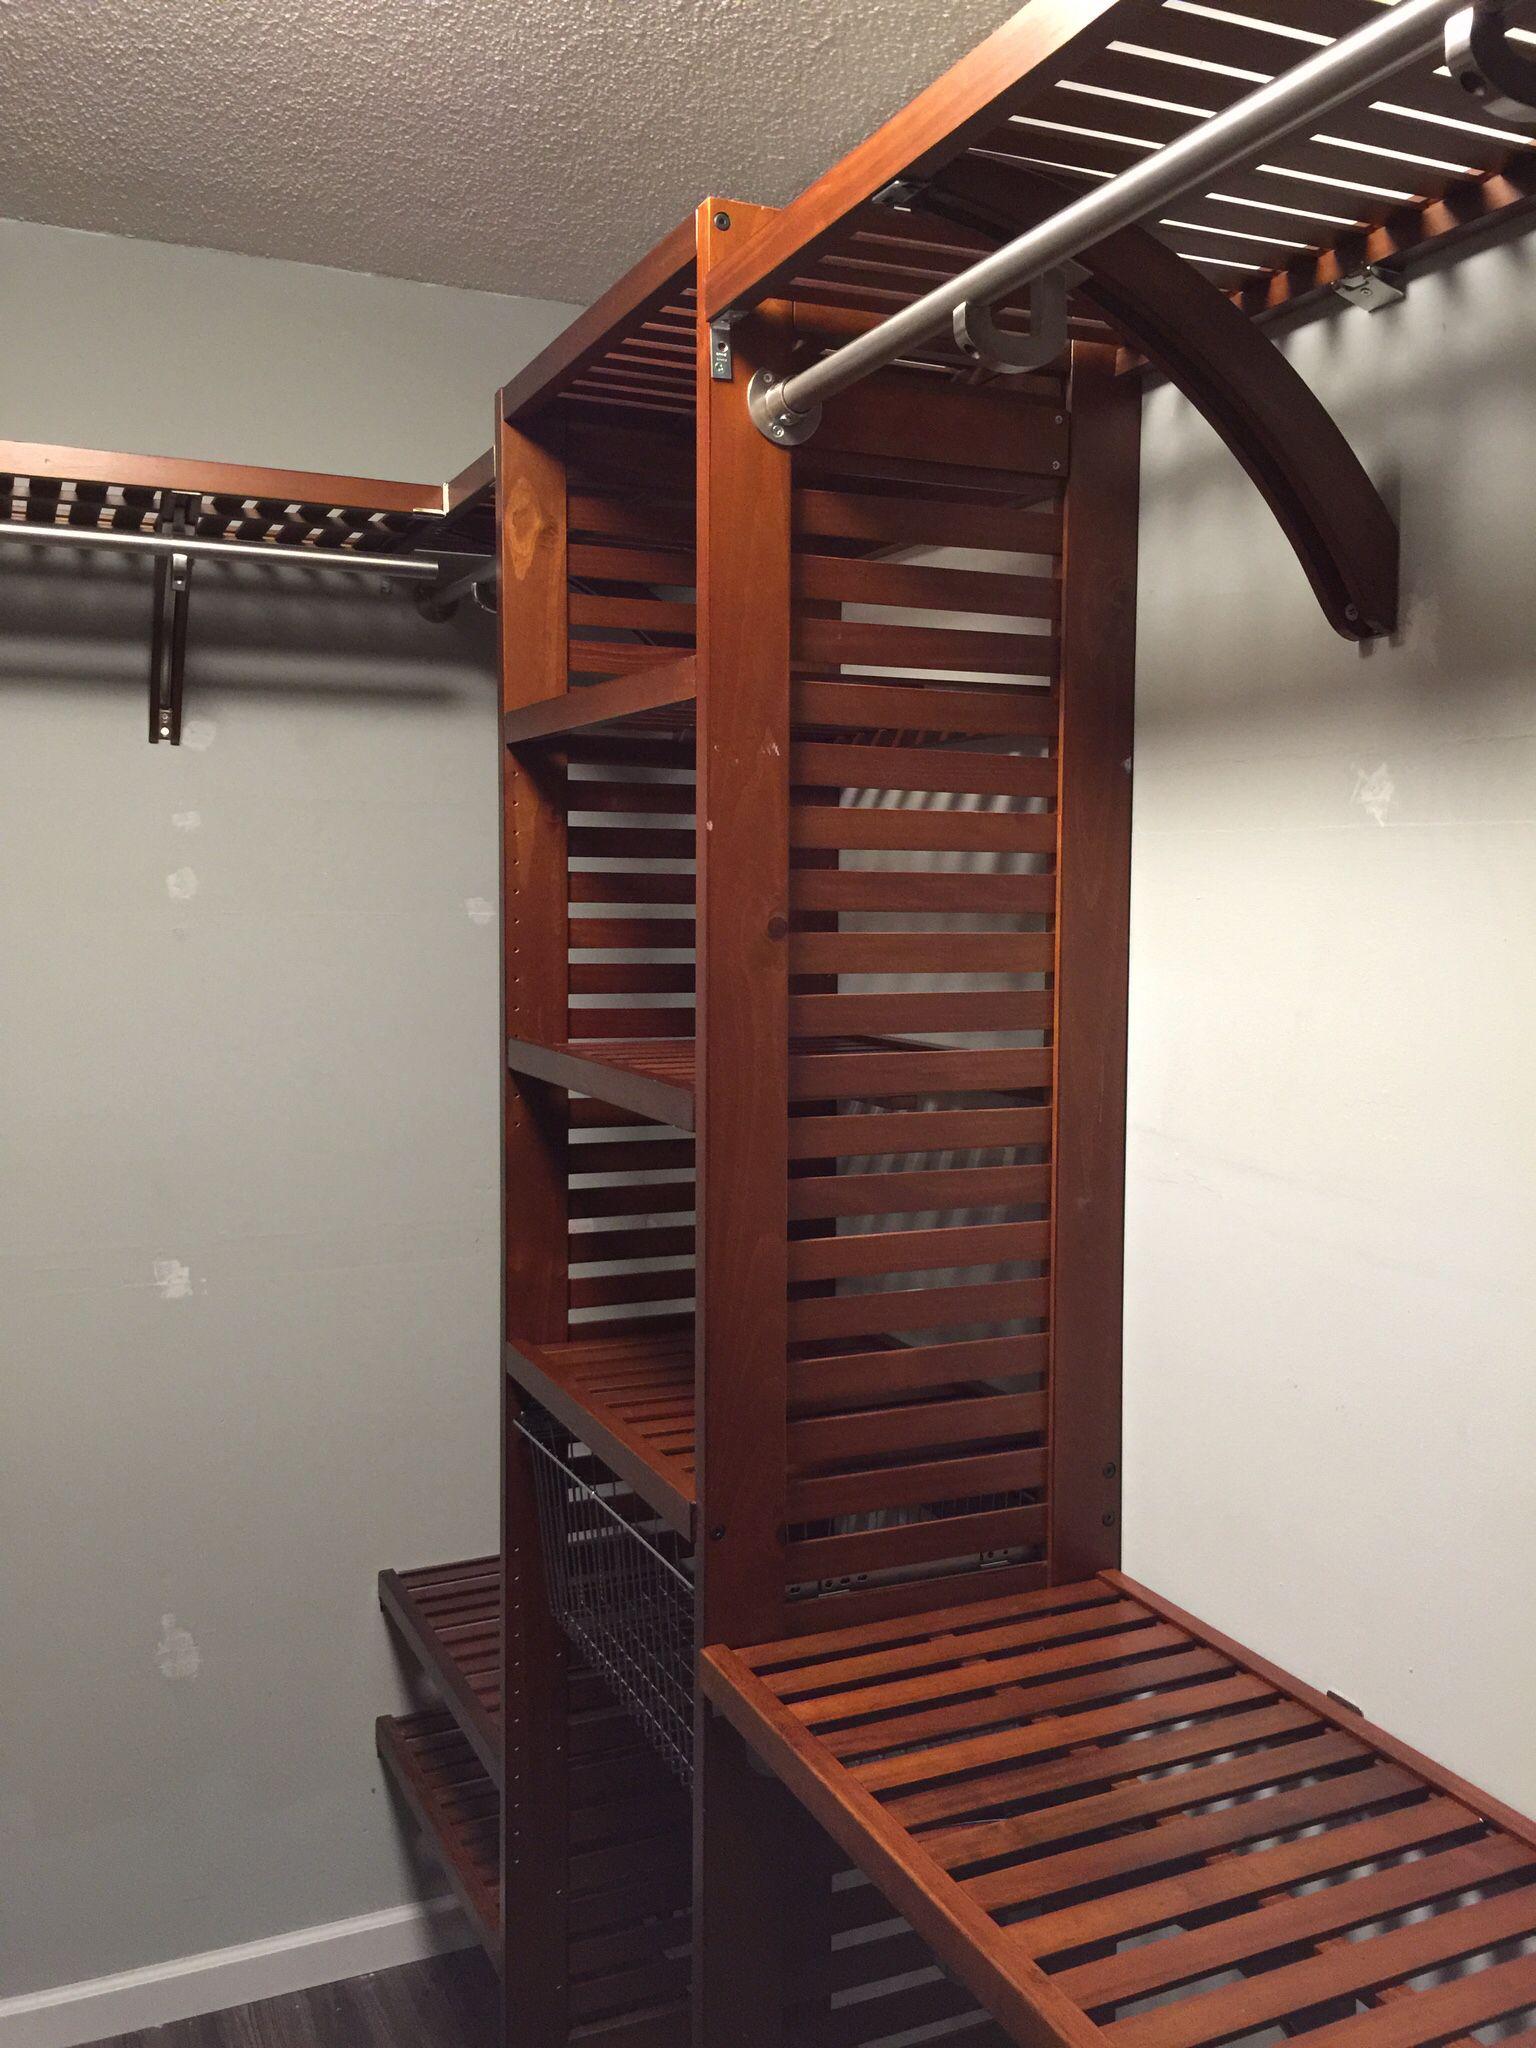 Lowes Closet Design : lowes, closet, design, Allen, Closet, Custom, Doors,, System,, Storage, Design